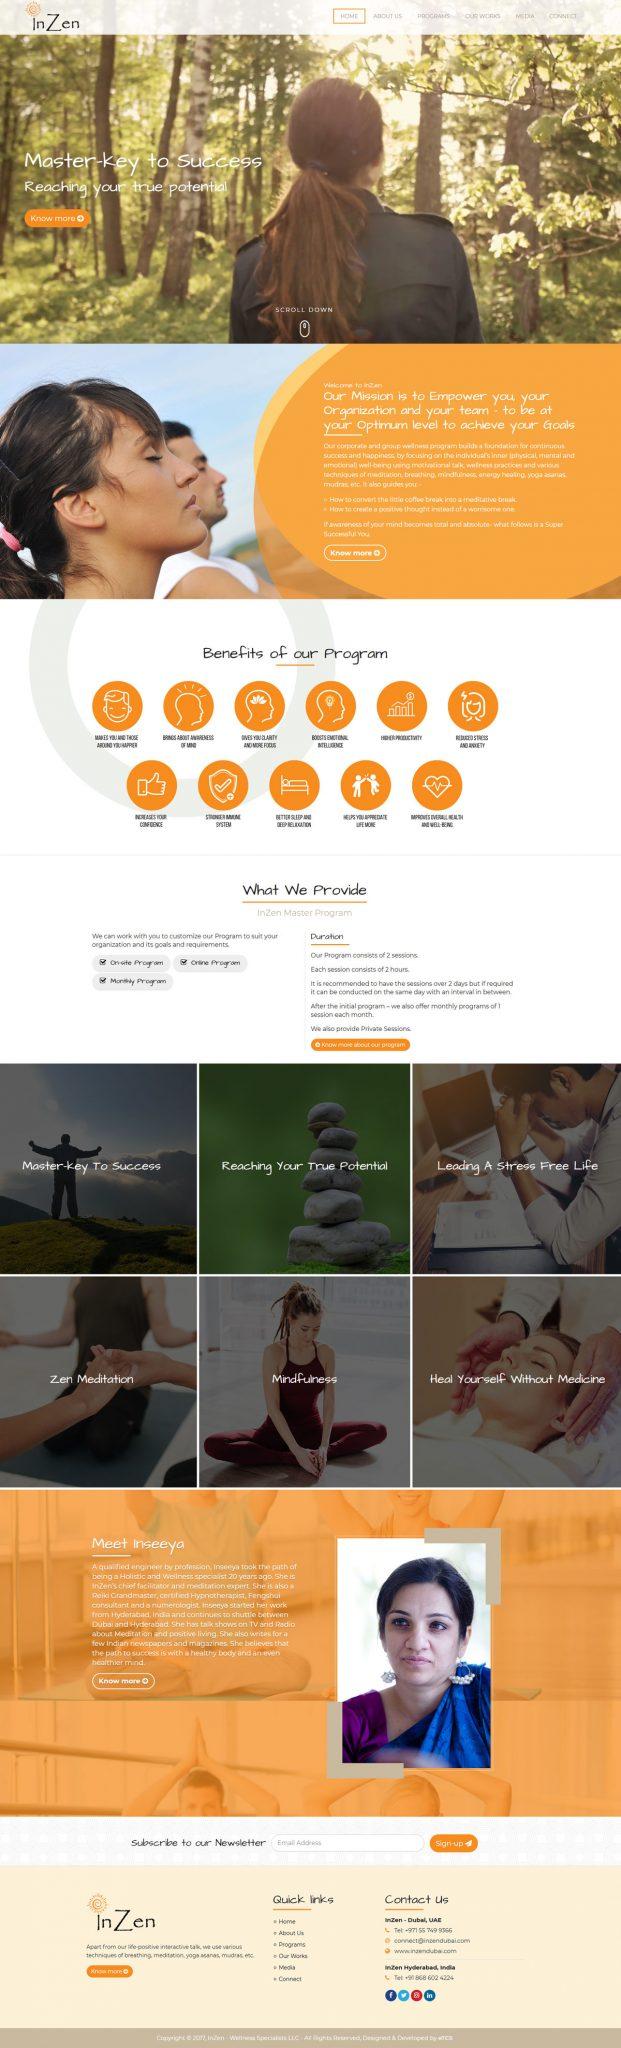 Web design al-ain